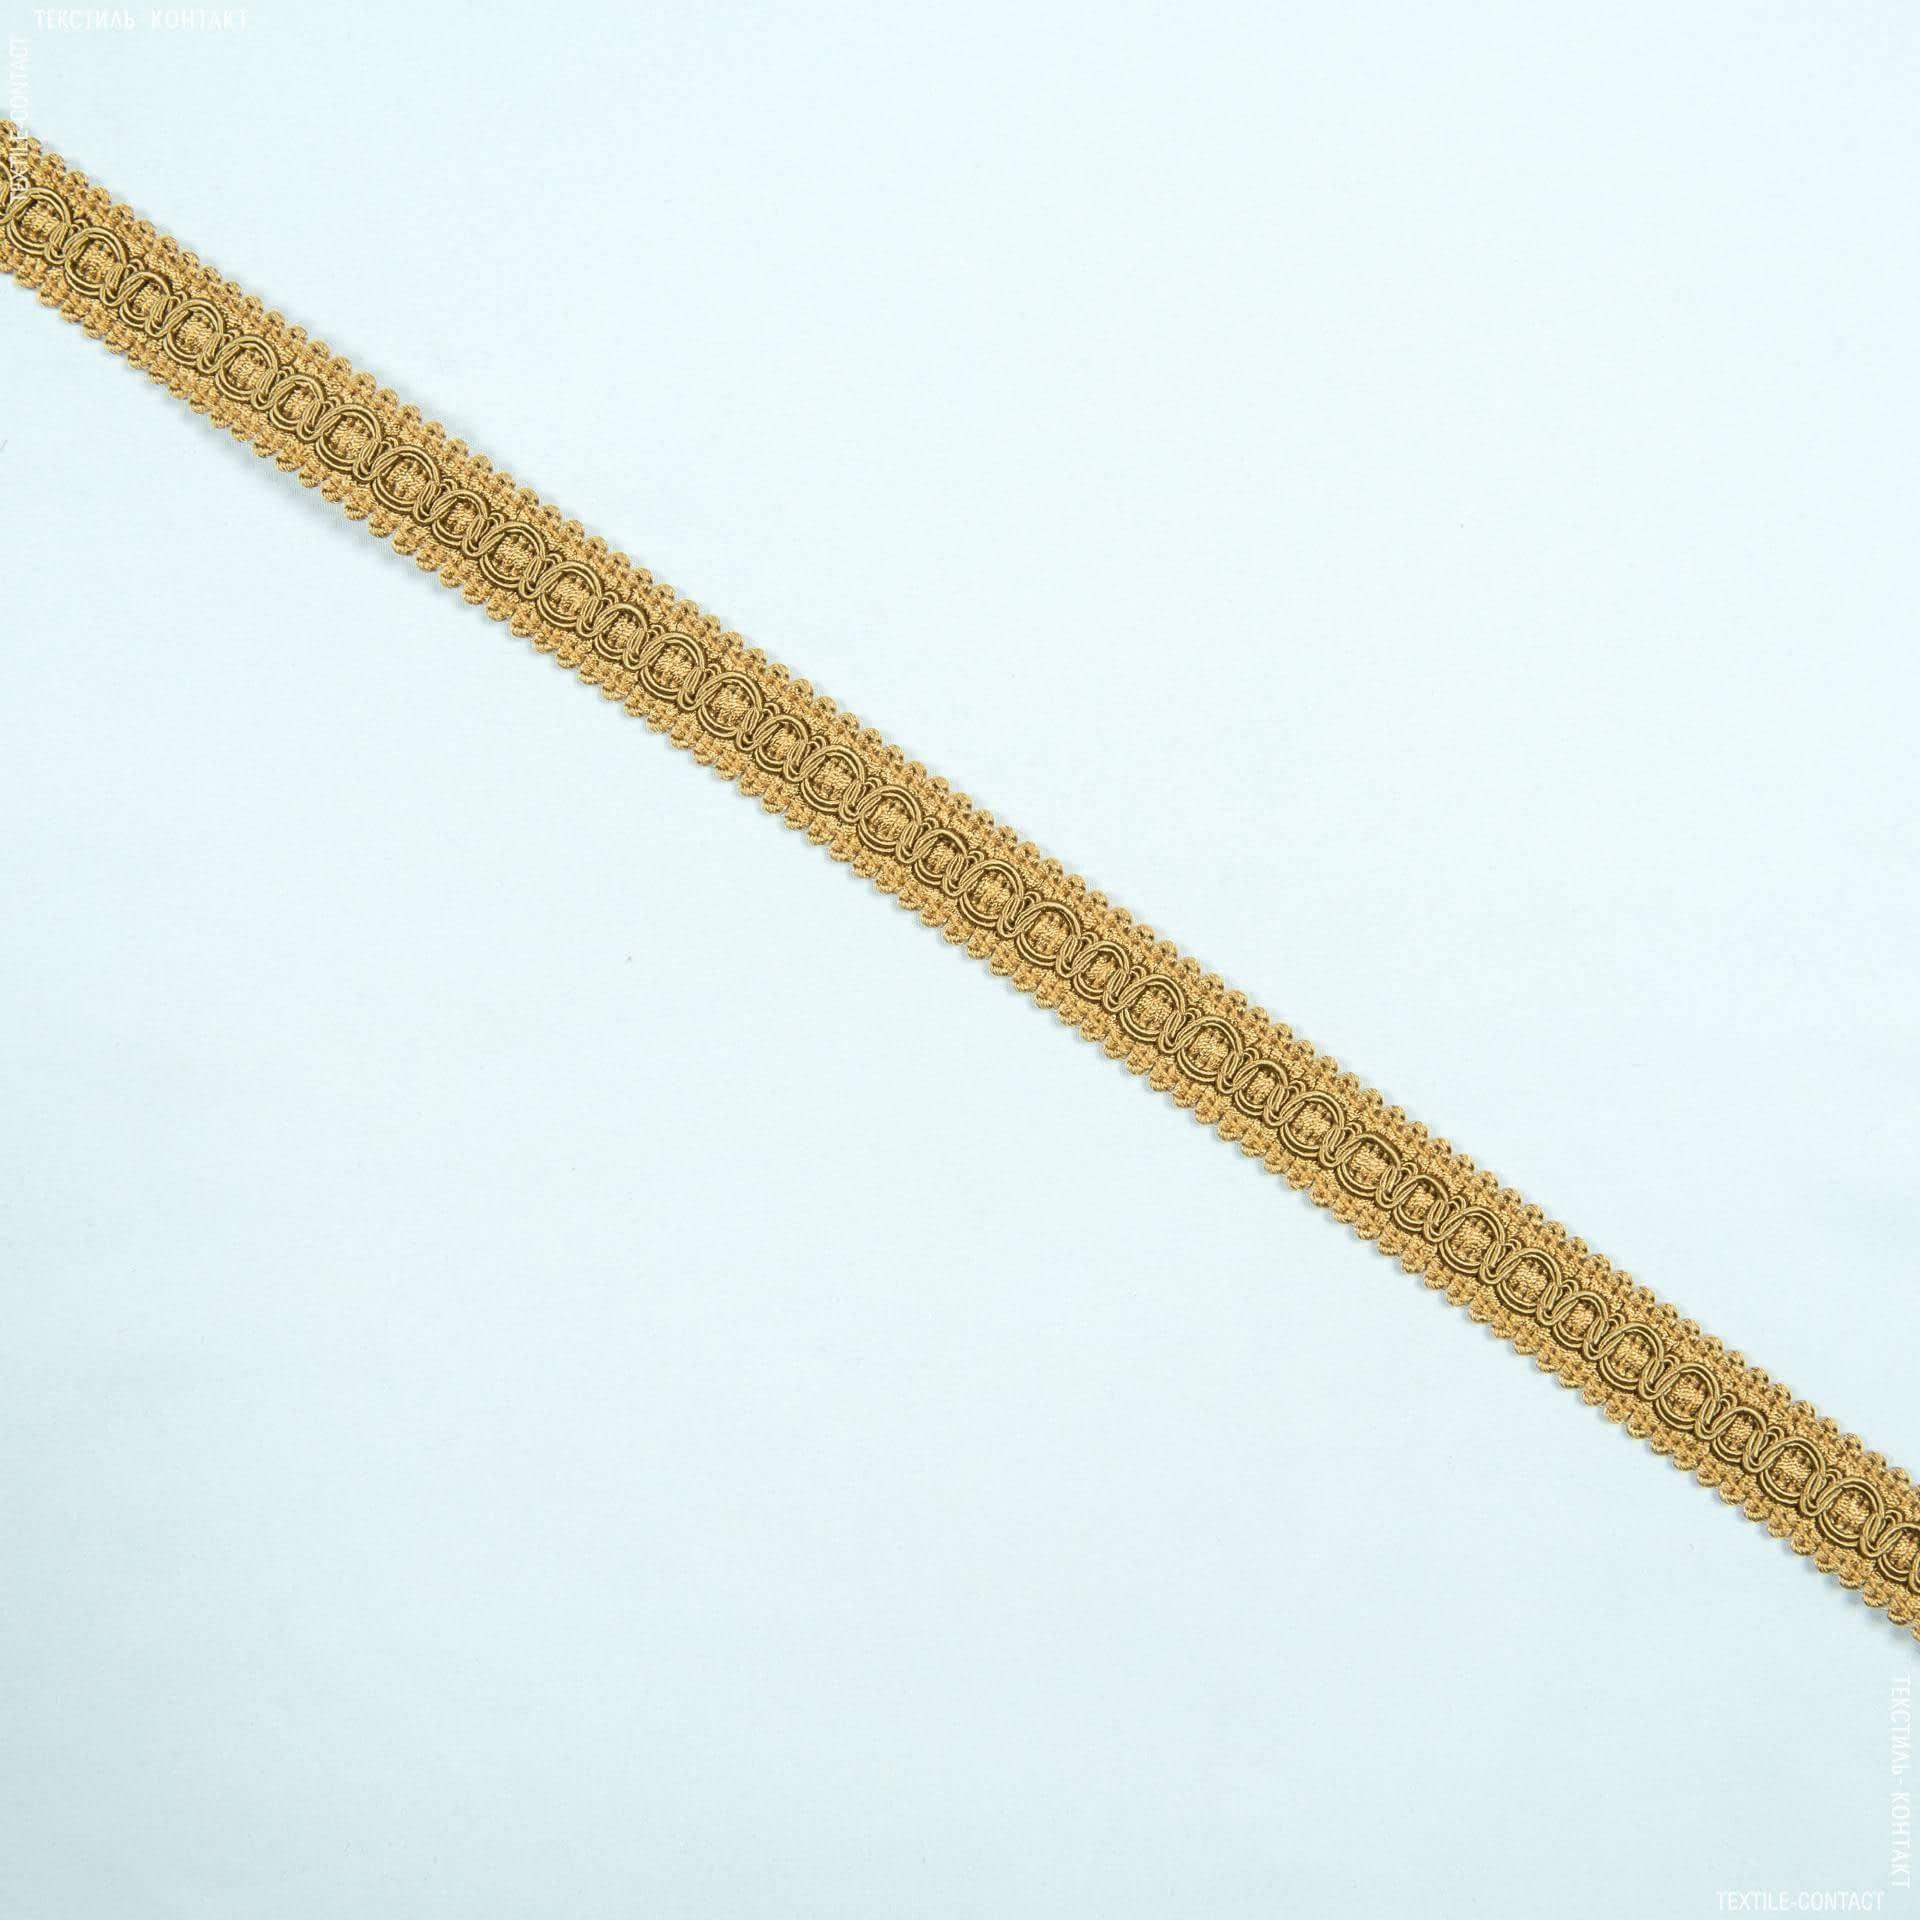 Ткани фурнитура для дома - Тесьма окант. Солар, т.золото